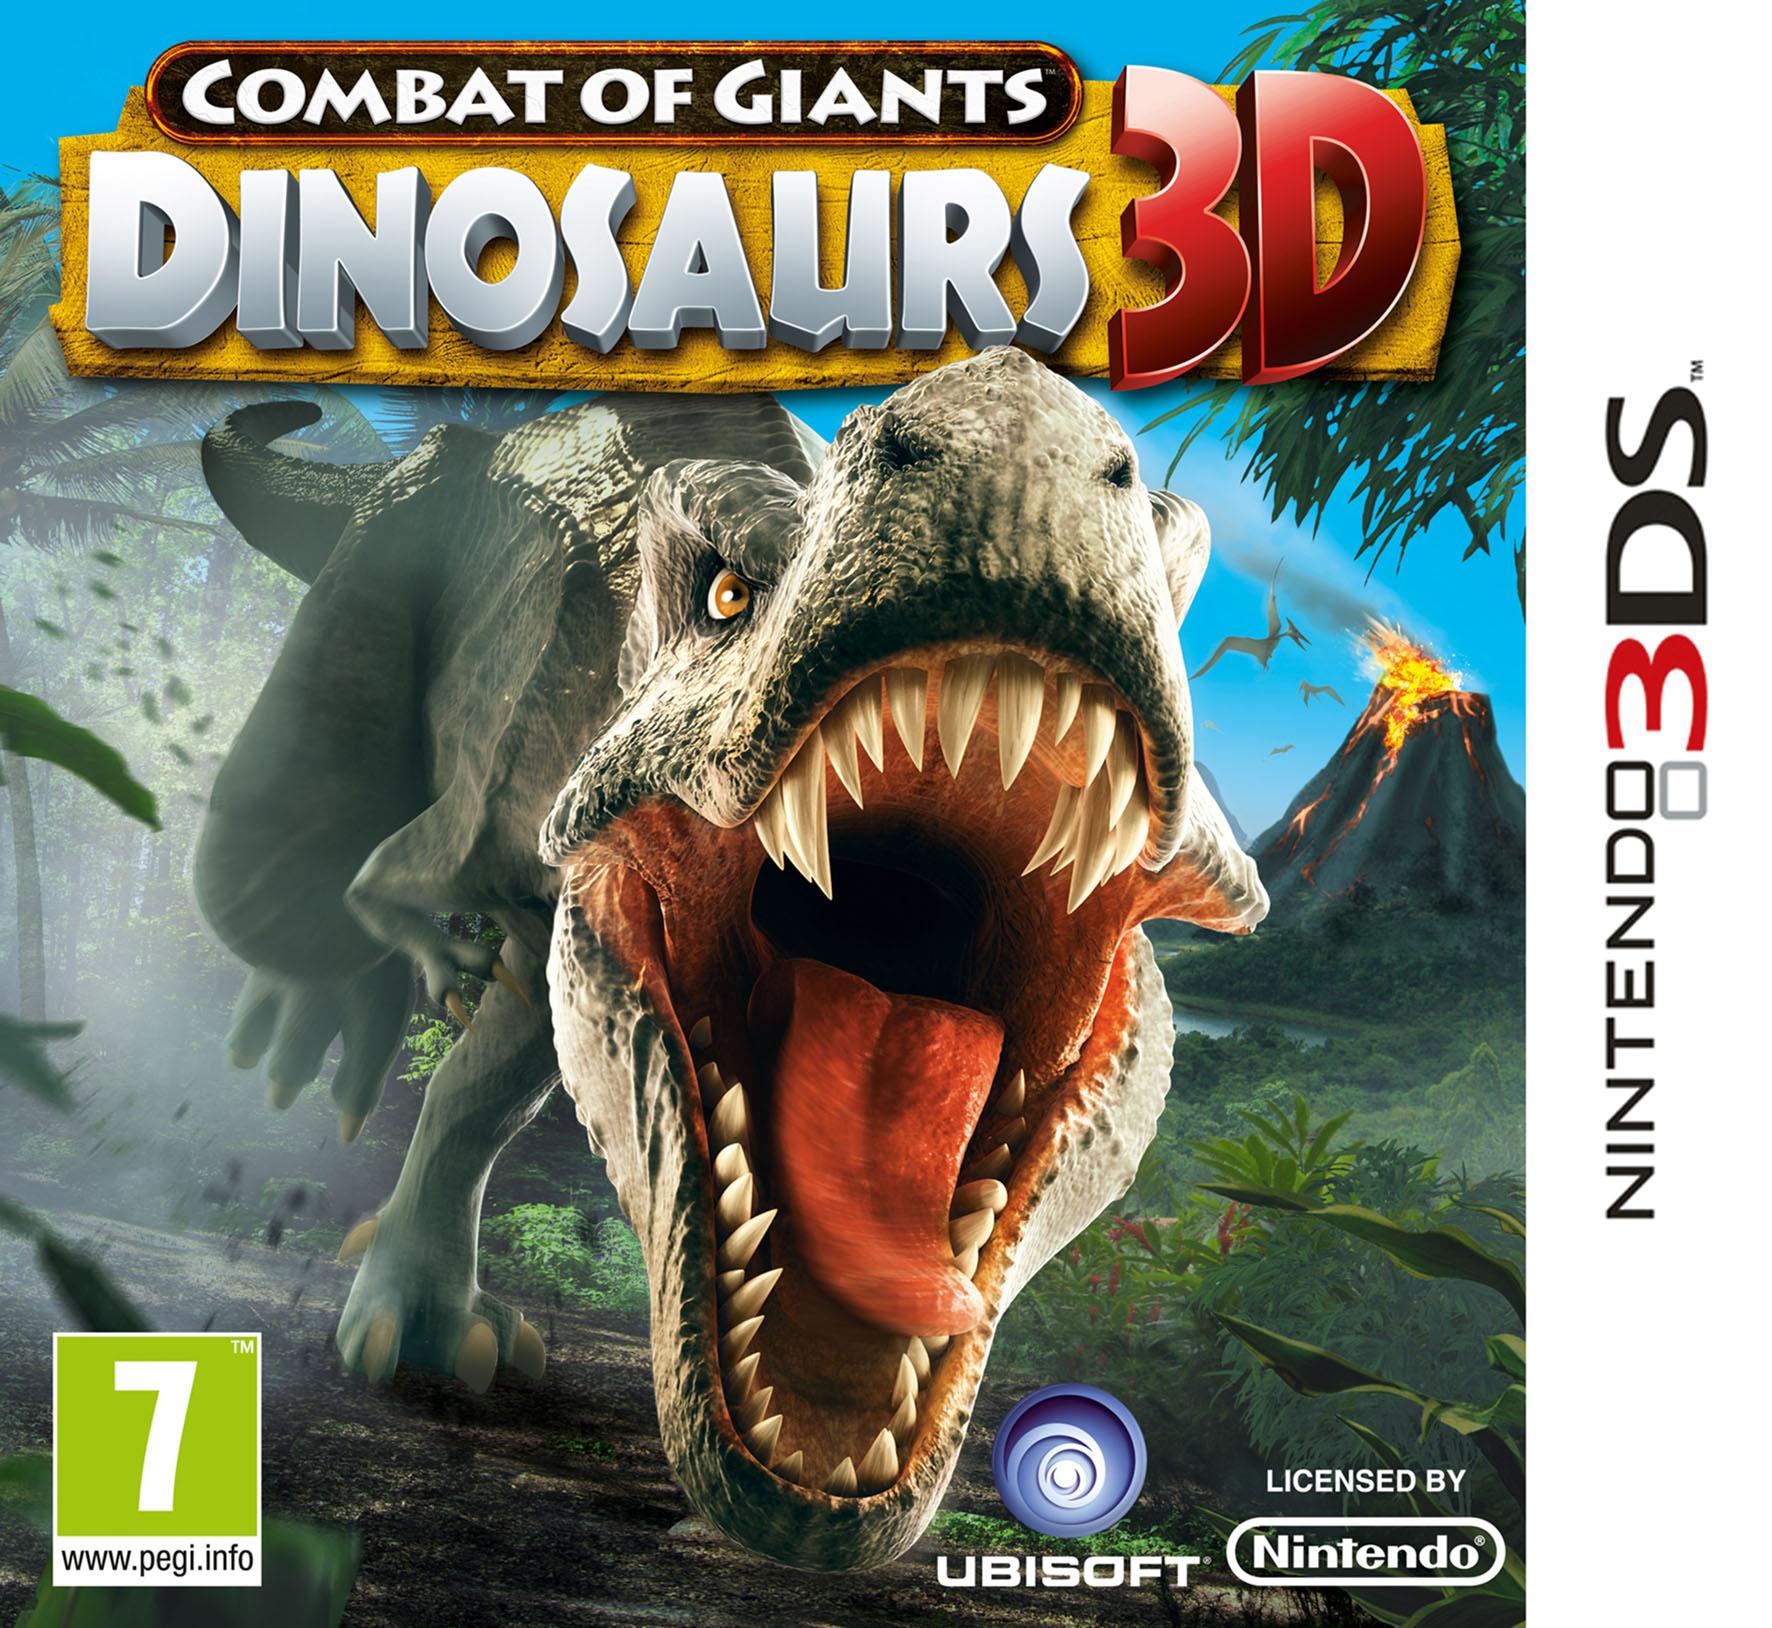 Combat of Giants : Dinosaurs 3D